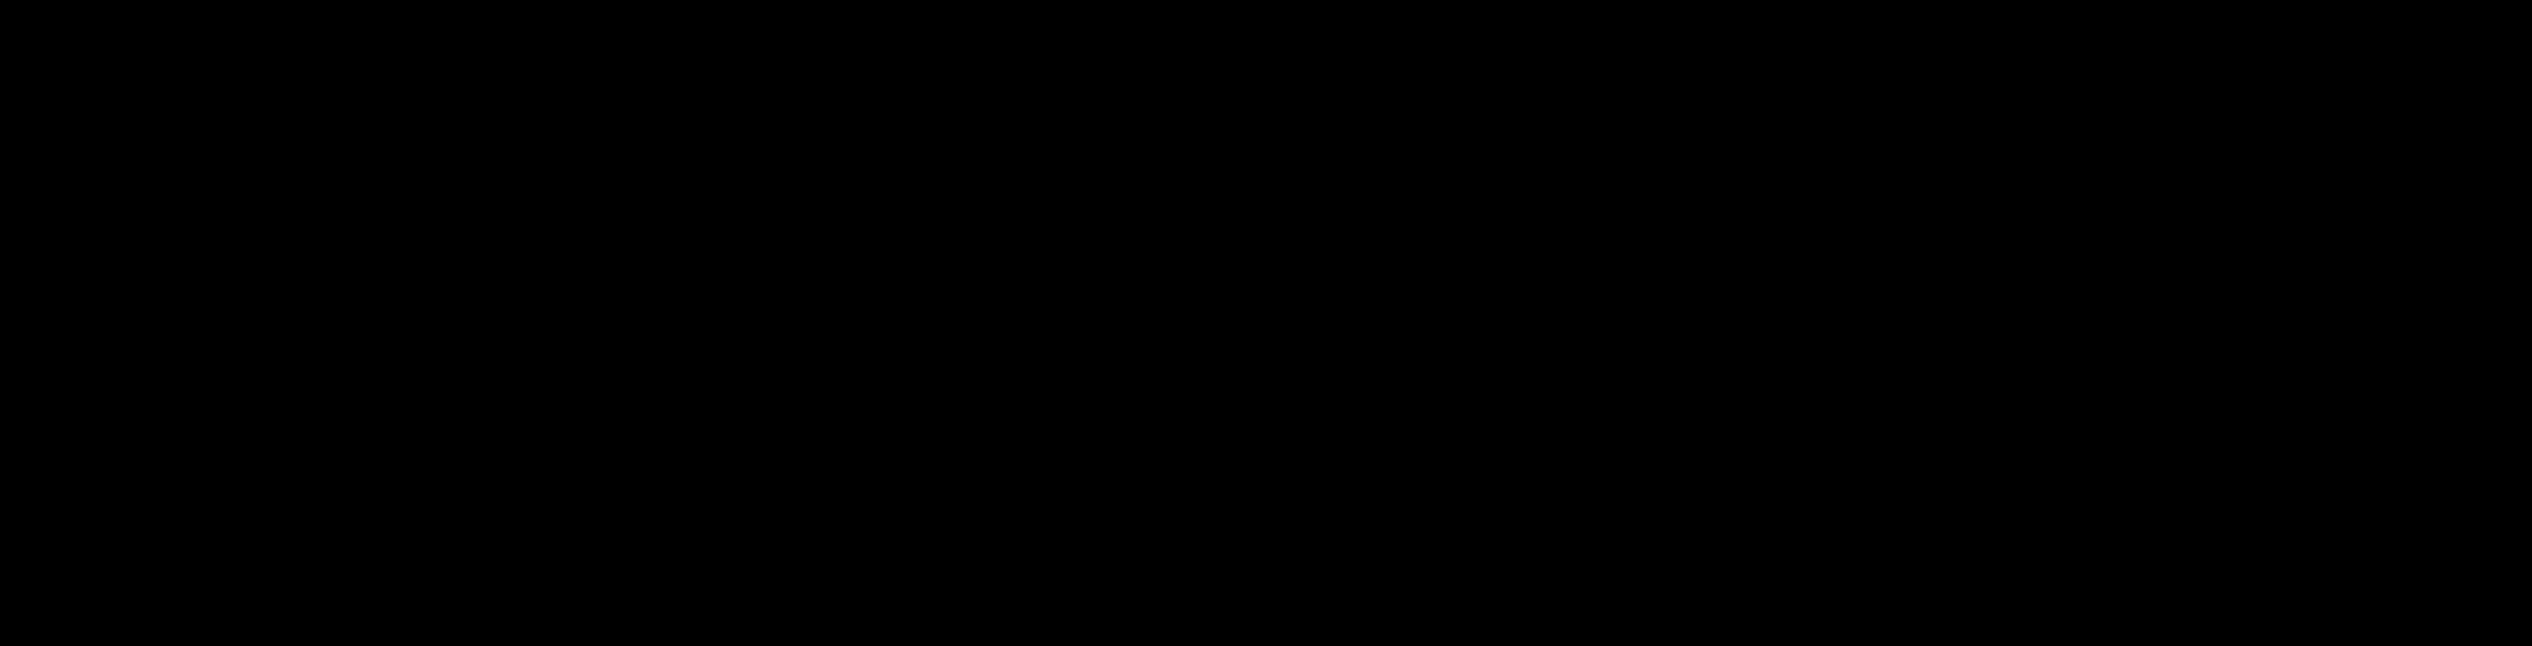 Bisphenol A (dimethyl-d<sub>6</sub>) bis-(β-D-glucuronide)